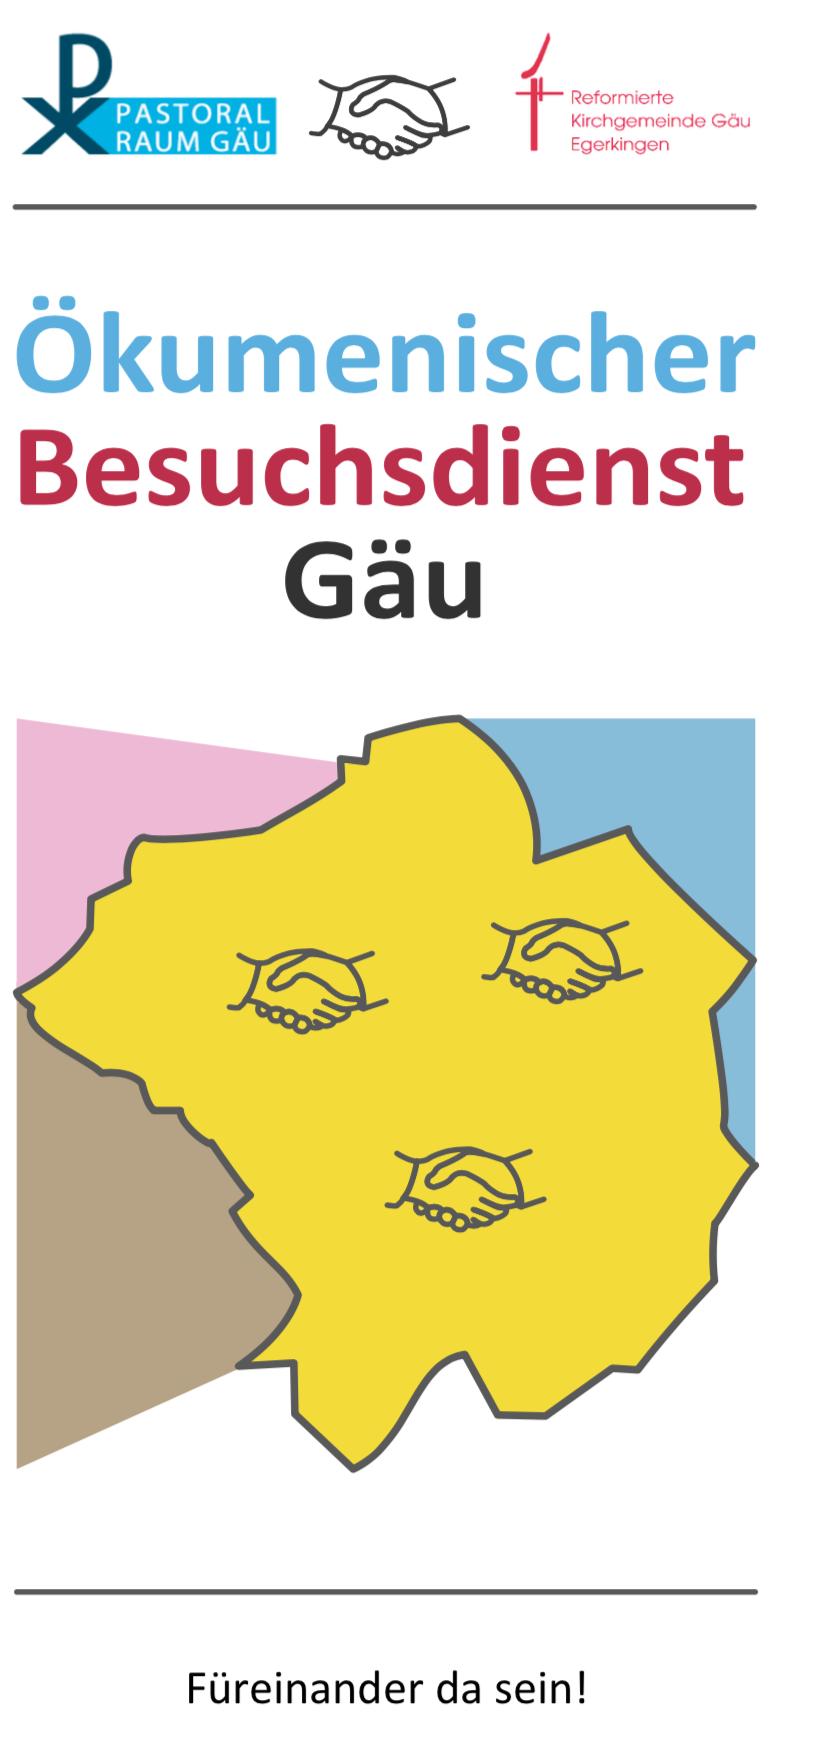 Ökumenischer Besuchsdienst Gäu